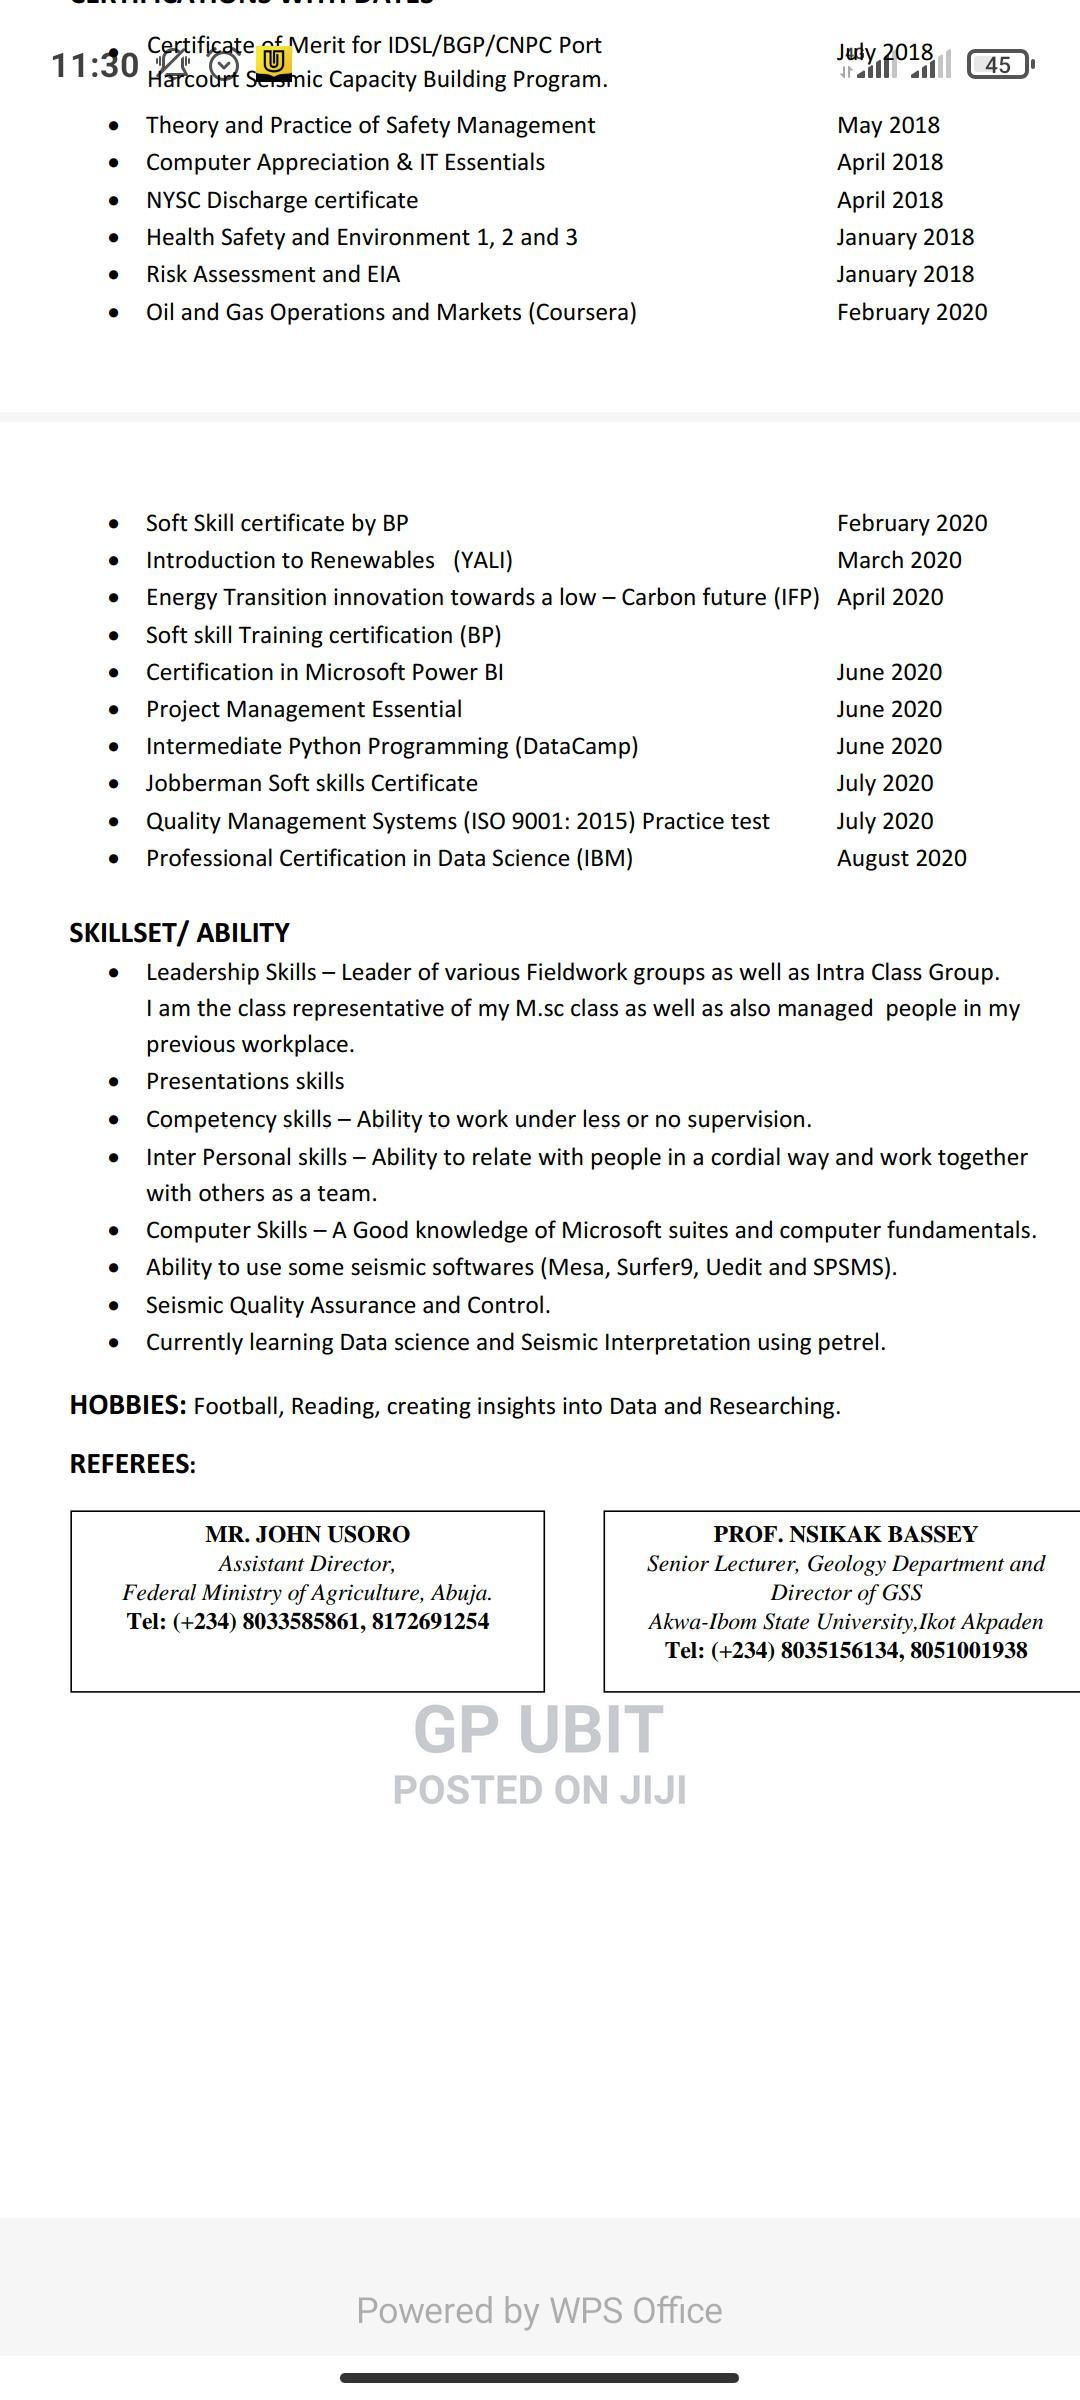 Teaching CV